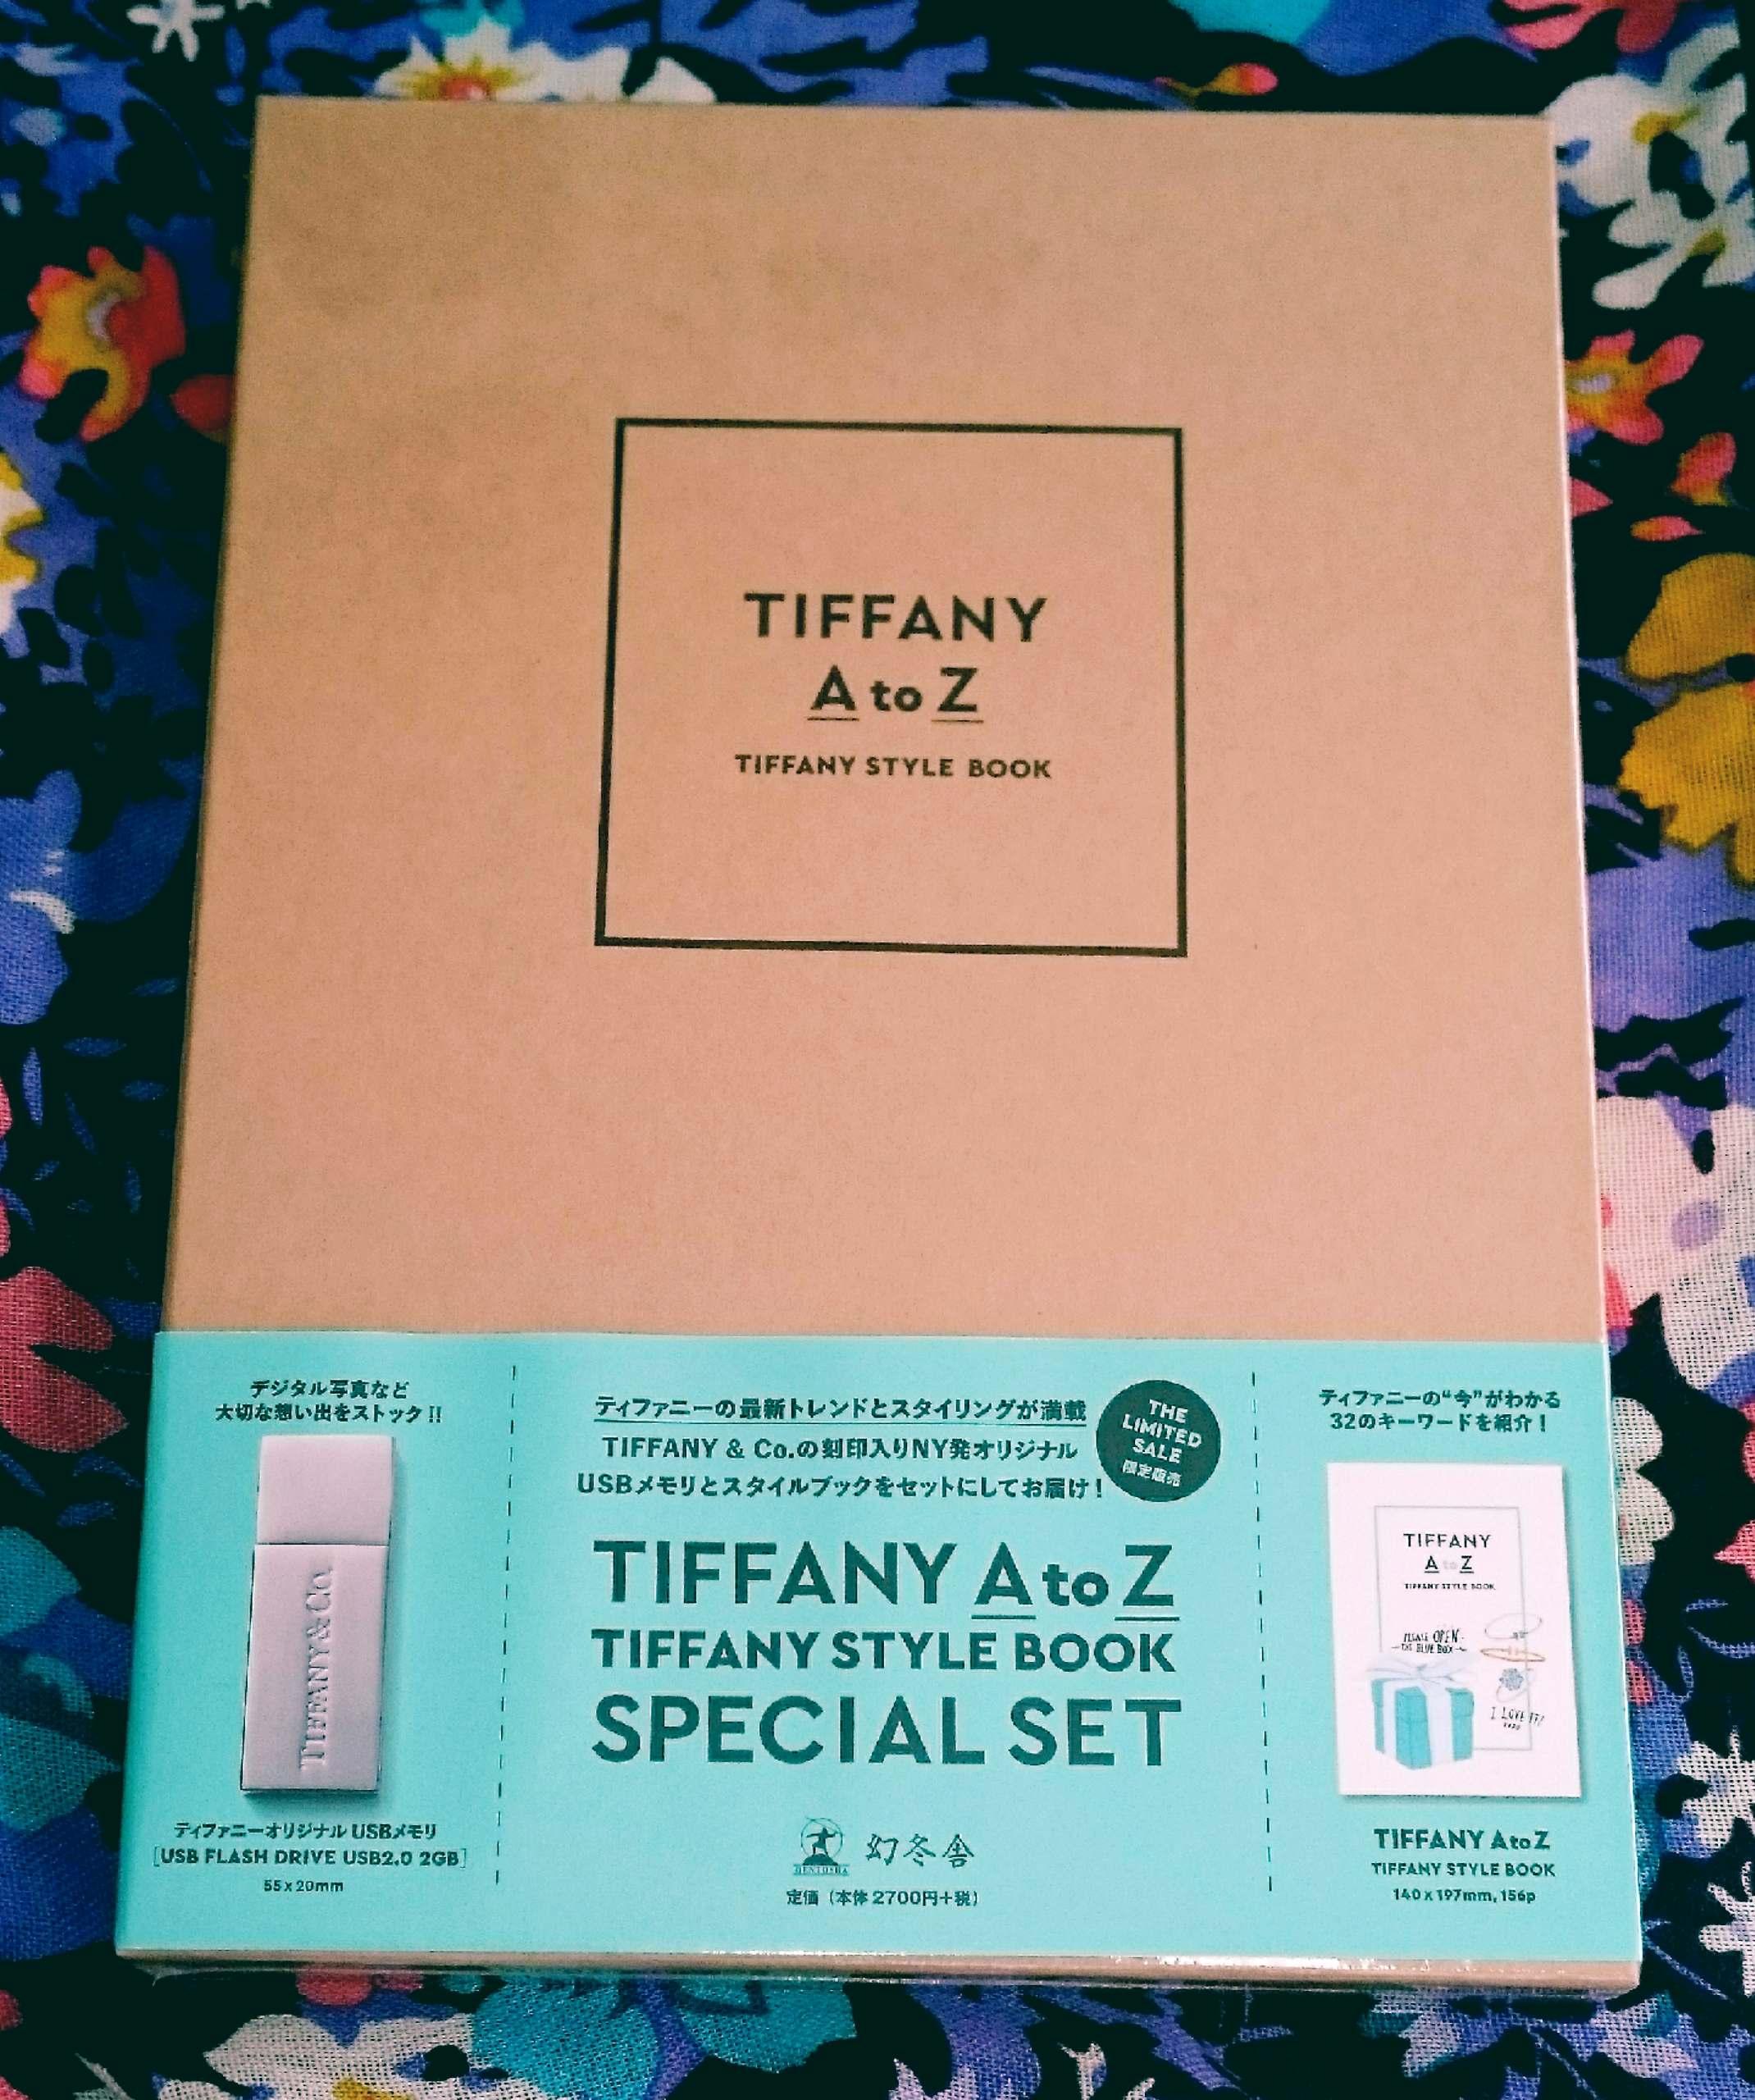 自分や友達のクリスマスプレゼントに!『TIFFANY AtoZ』